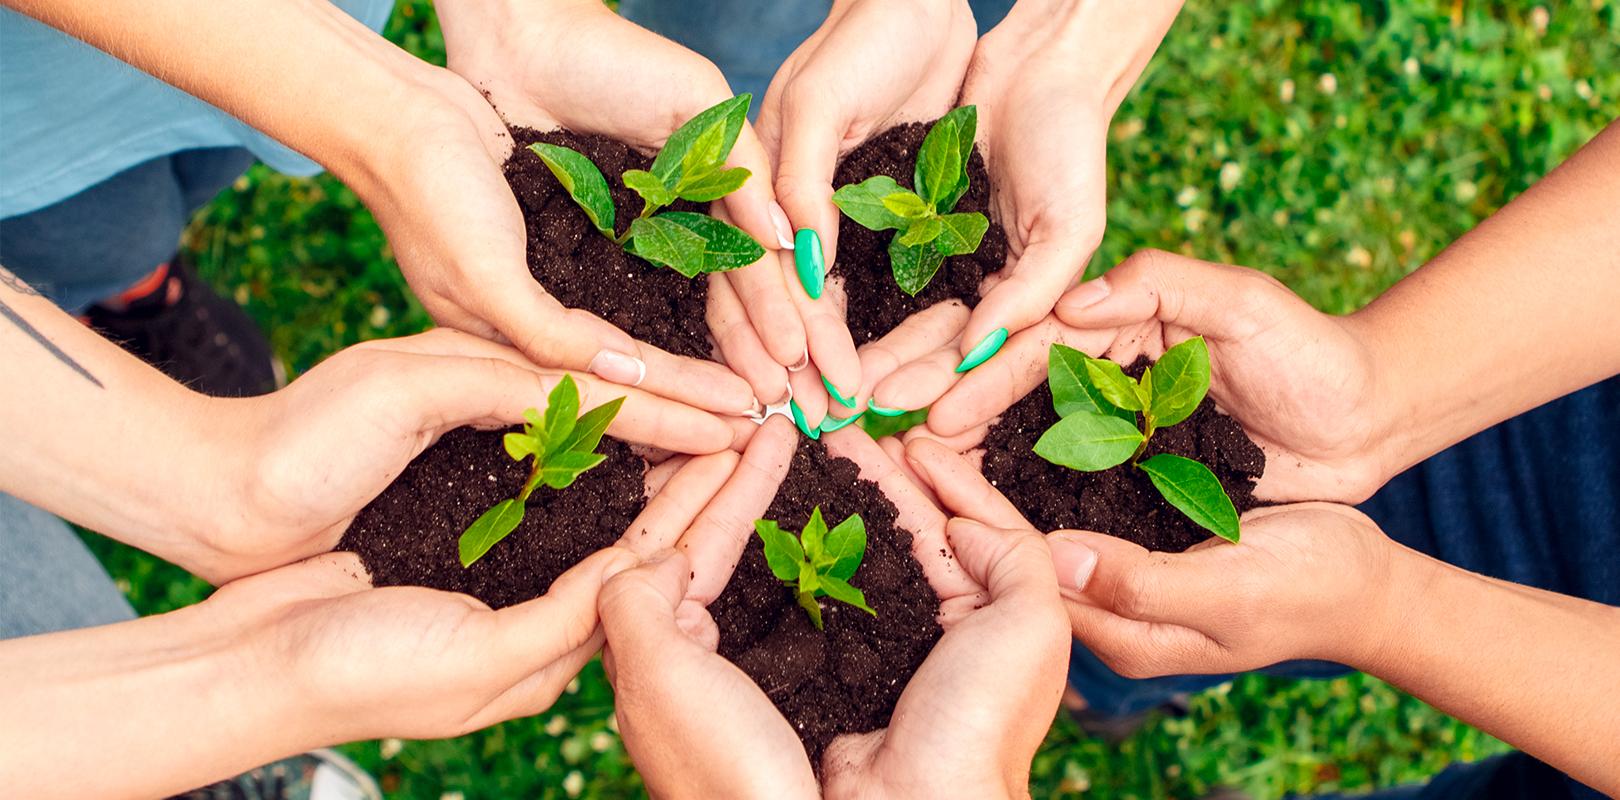 agire-per-sistemi-alimentari-sostenibili